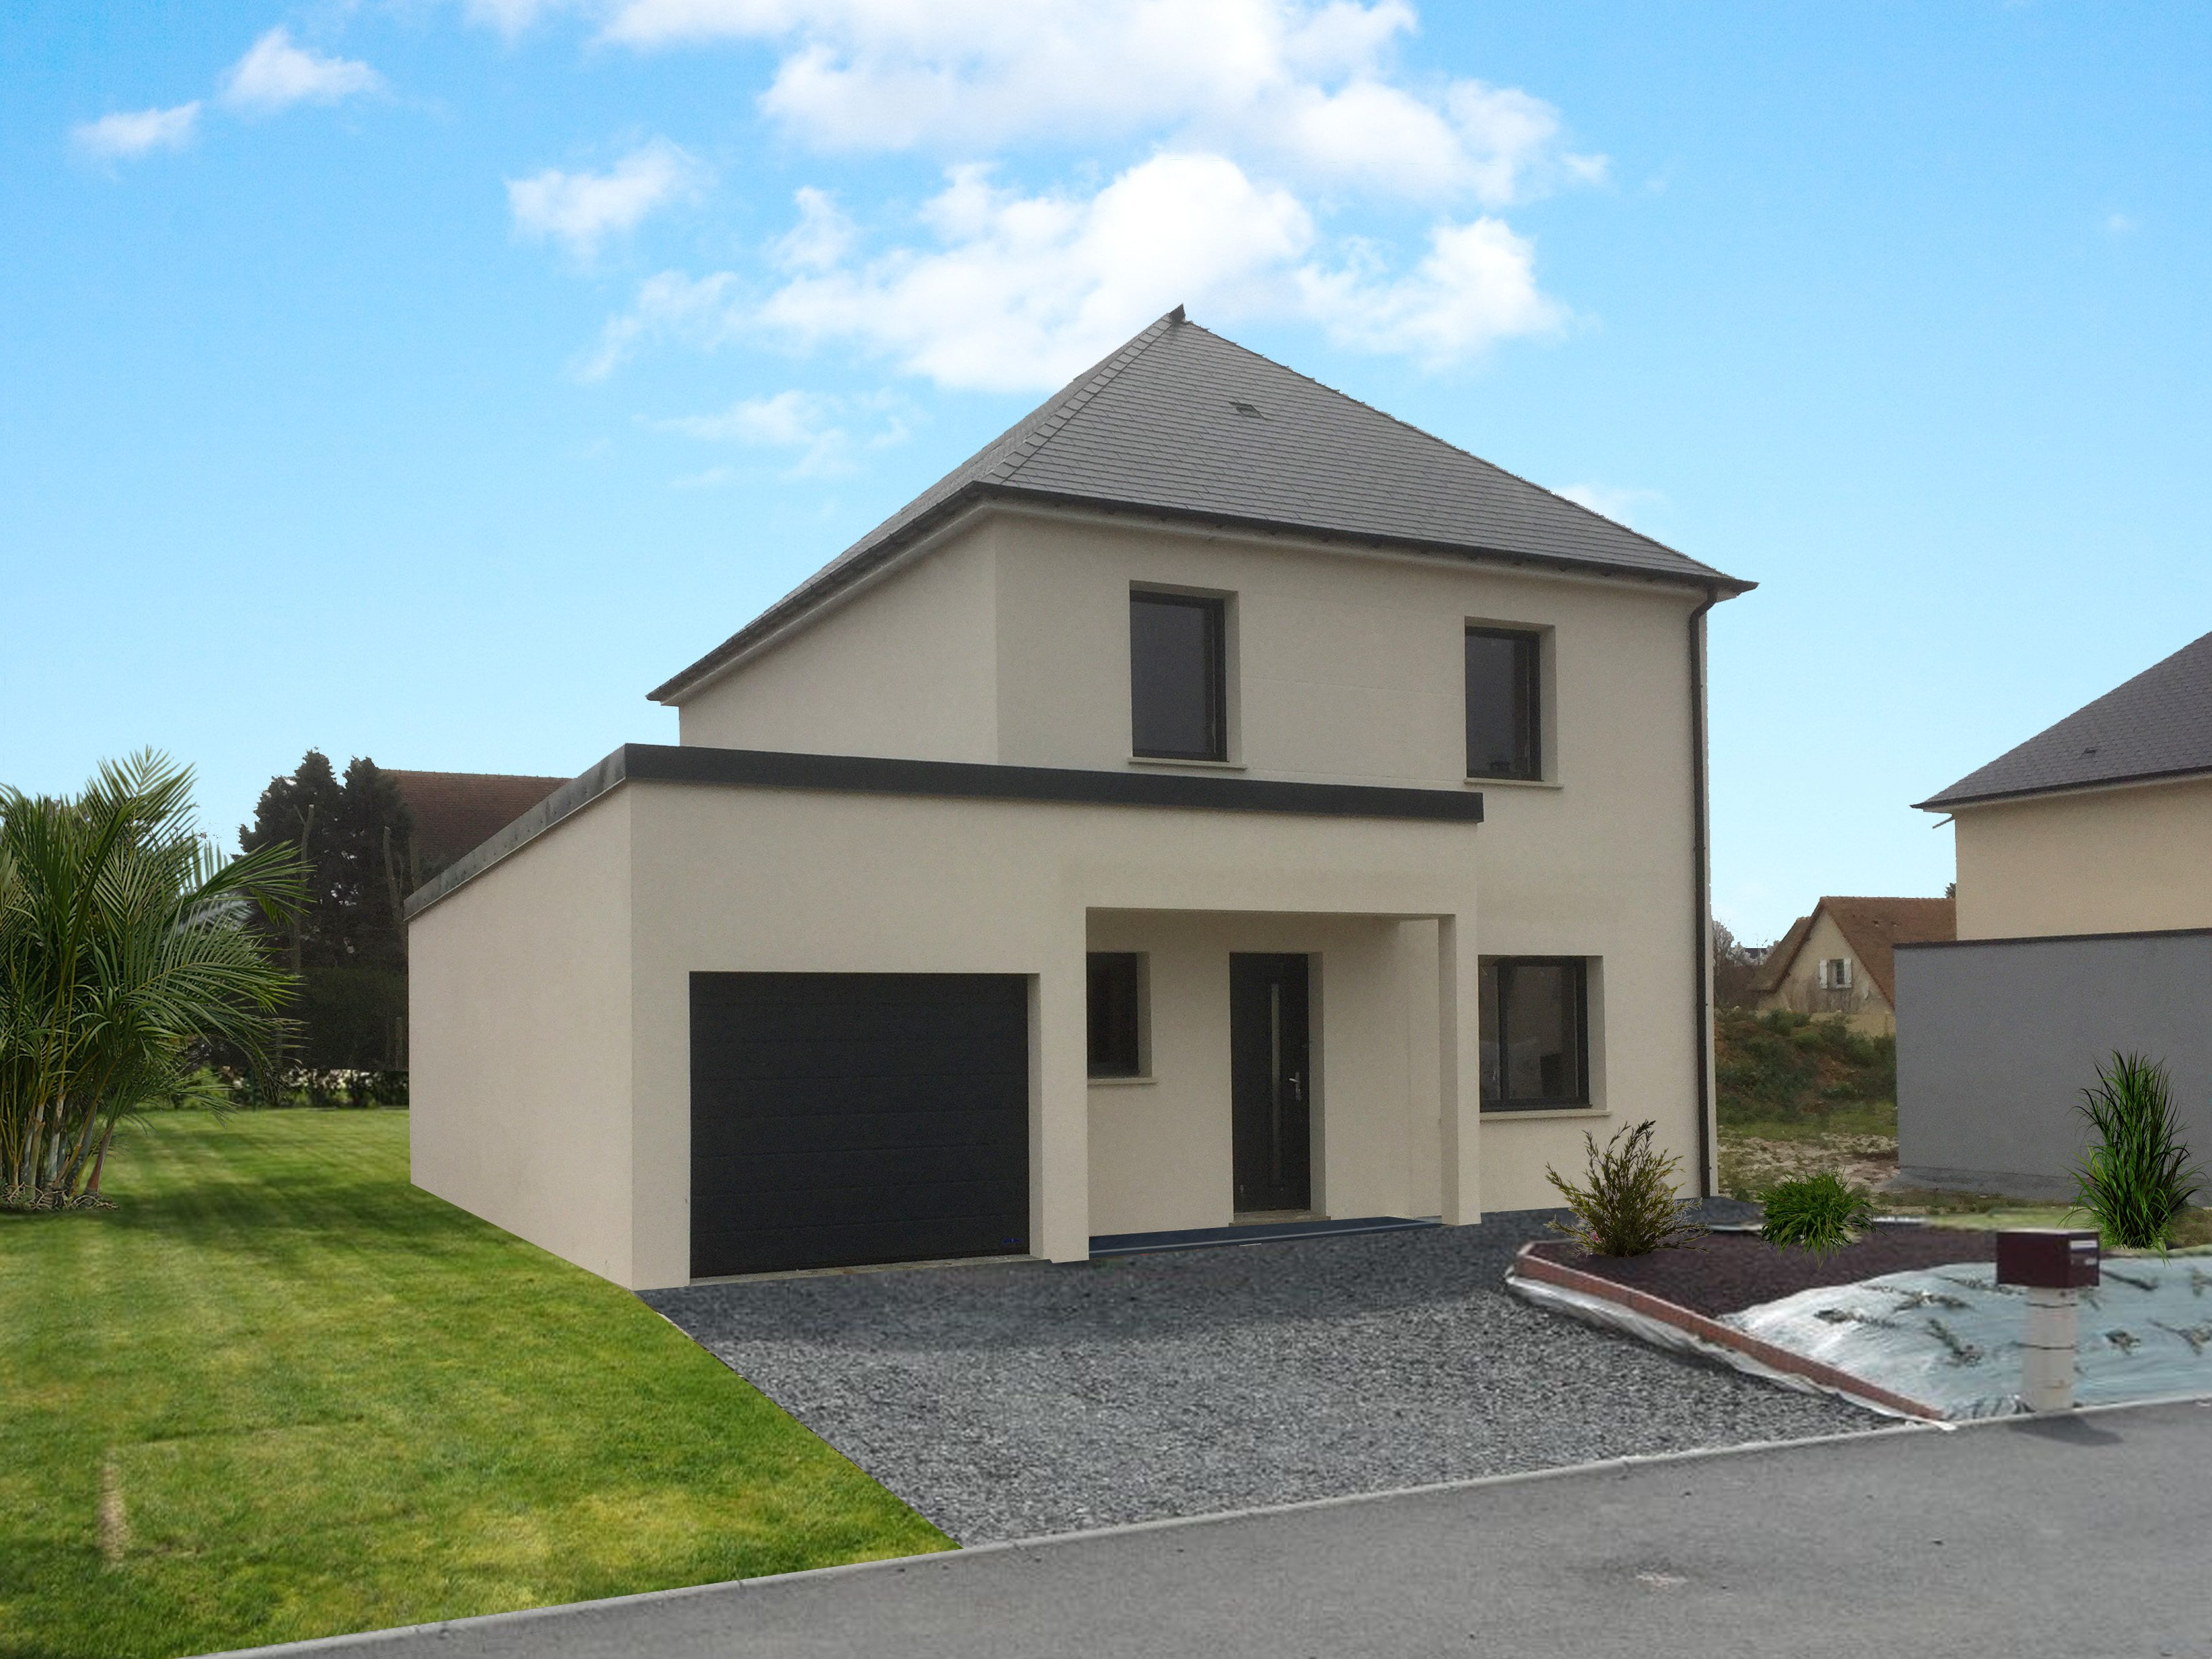 Maisons + Terrains du constructeur MAISON FAMILIALE RENNES • 108 m² • MONTERFIL